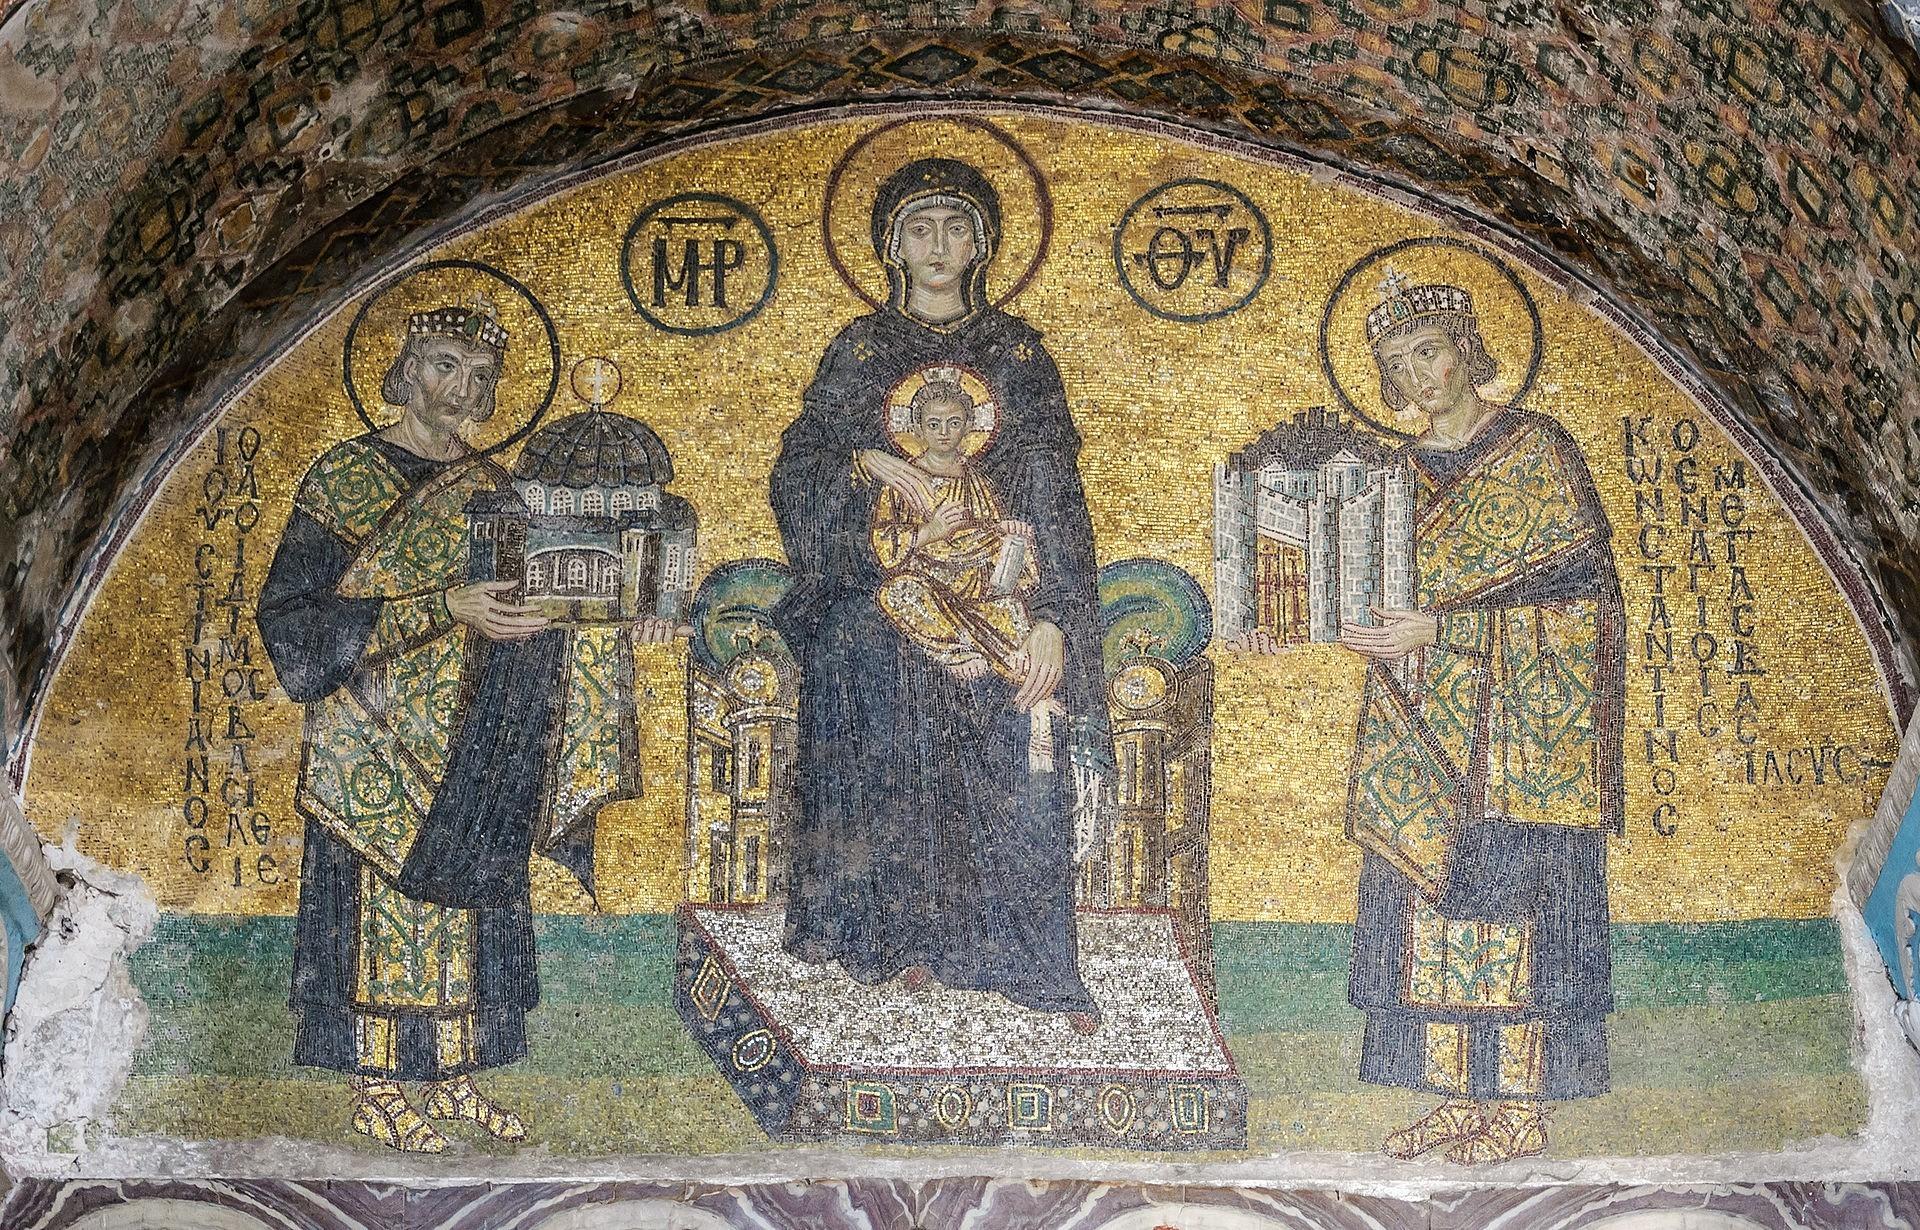 أيقونة مريم العذراء تتوسط قسطنطين الأول وجستينيان الأول